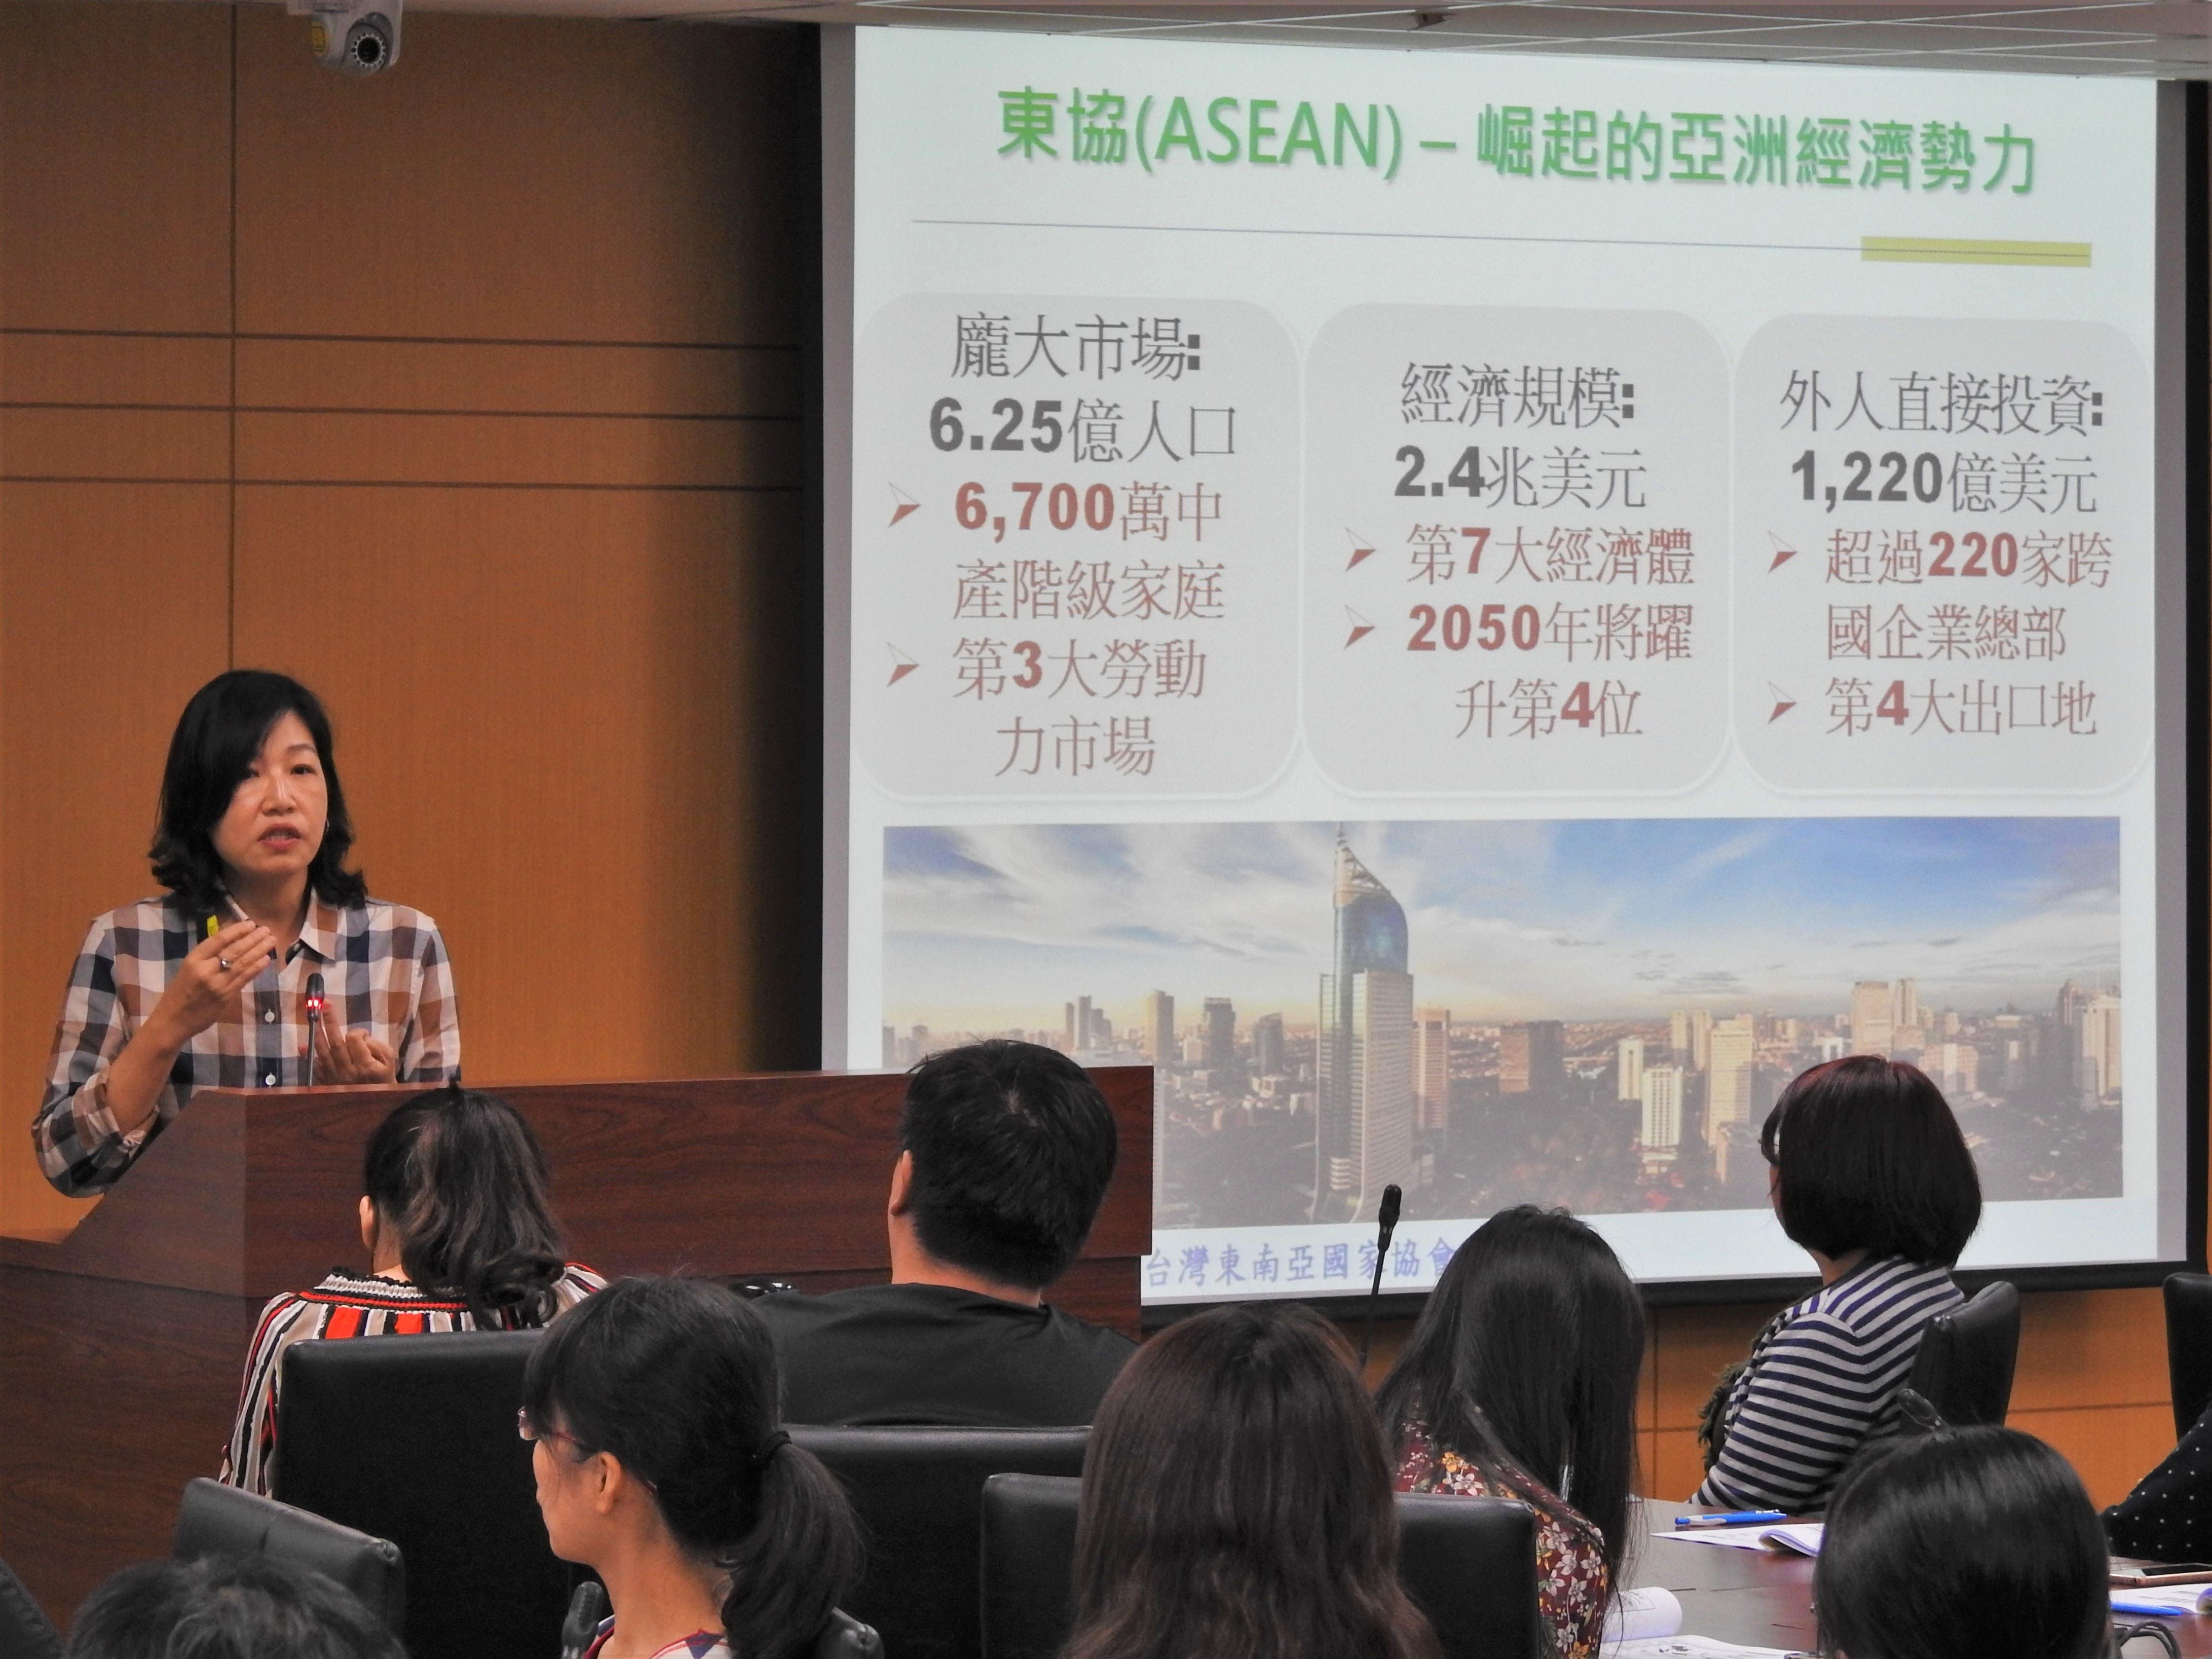 中華經濟研究院台灣東協研究中心徐遵慈主任詳細解說新南向國家的發展現況,以及台灣、高雄能在交流中扮演的角色與應有的策略。.jpg